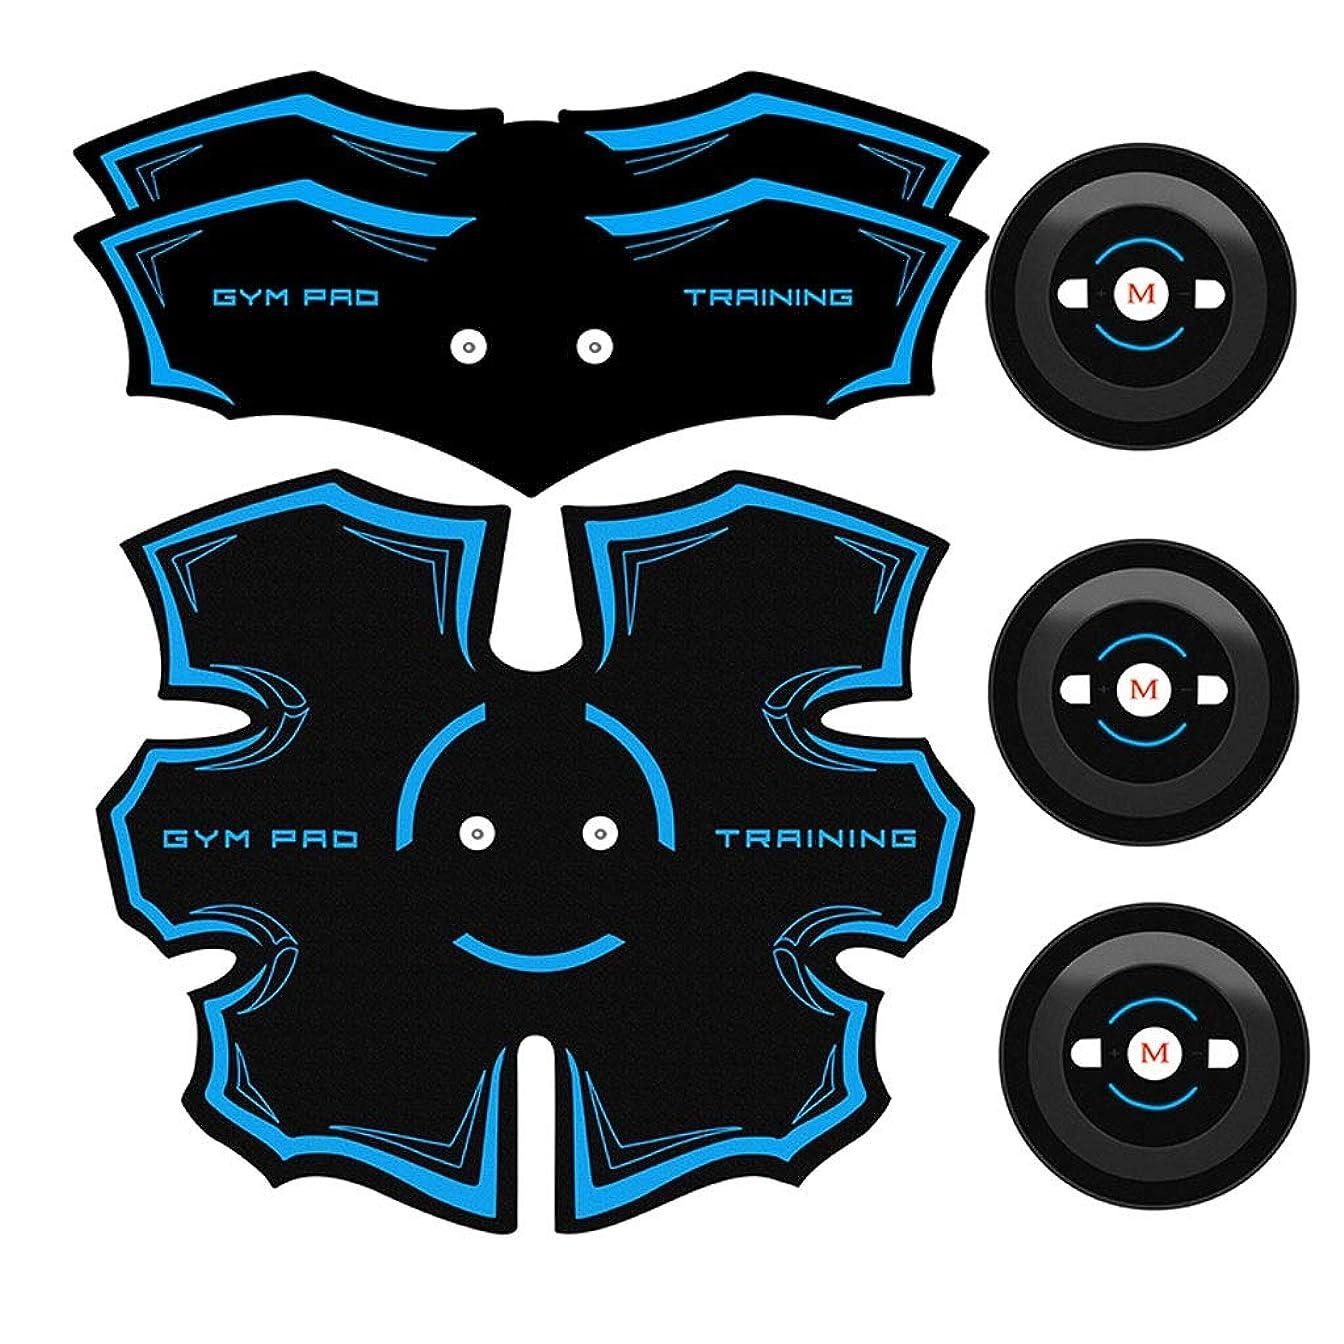 ぼかしタクトジャーナリストABS刺激剤&マッスルトナー - 腹部調色ベルト&EMSボディマッスルトレーナー脂肪バーナー機器刺激強度 - ポータブルUSB充電器 (Color : Blue)